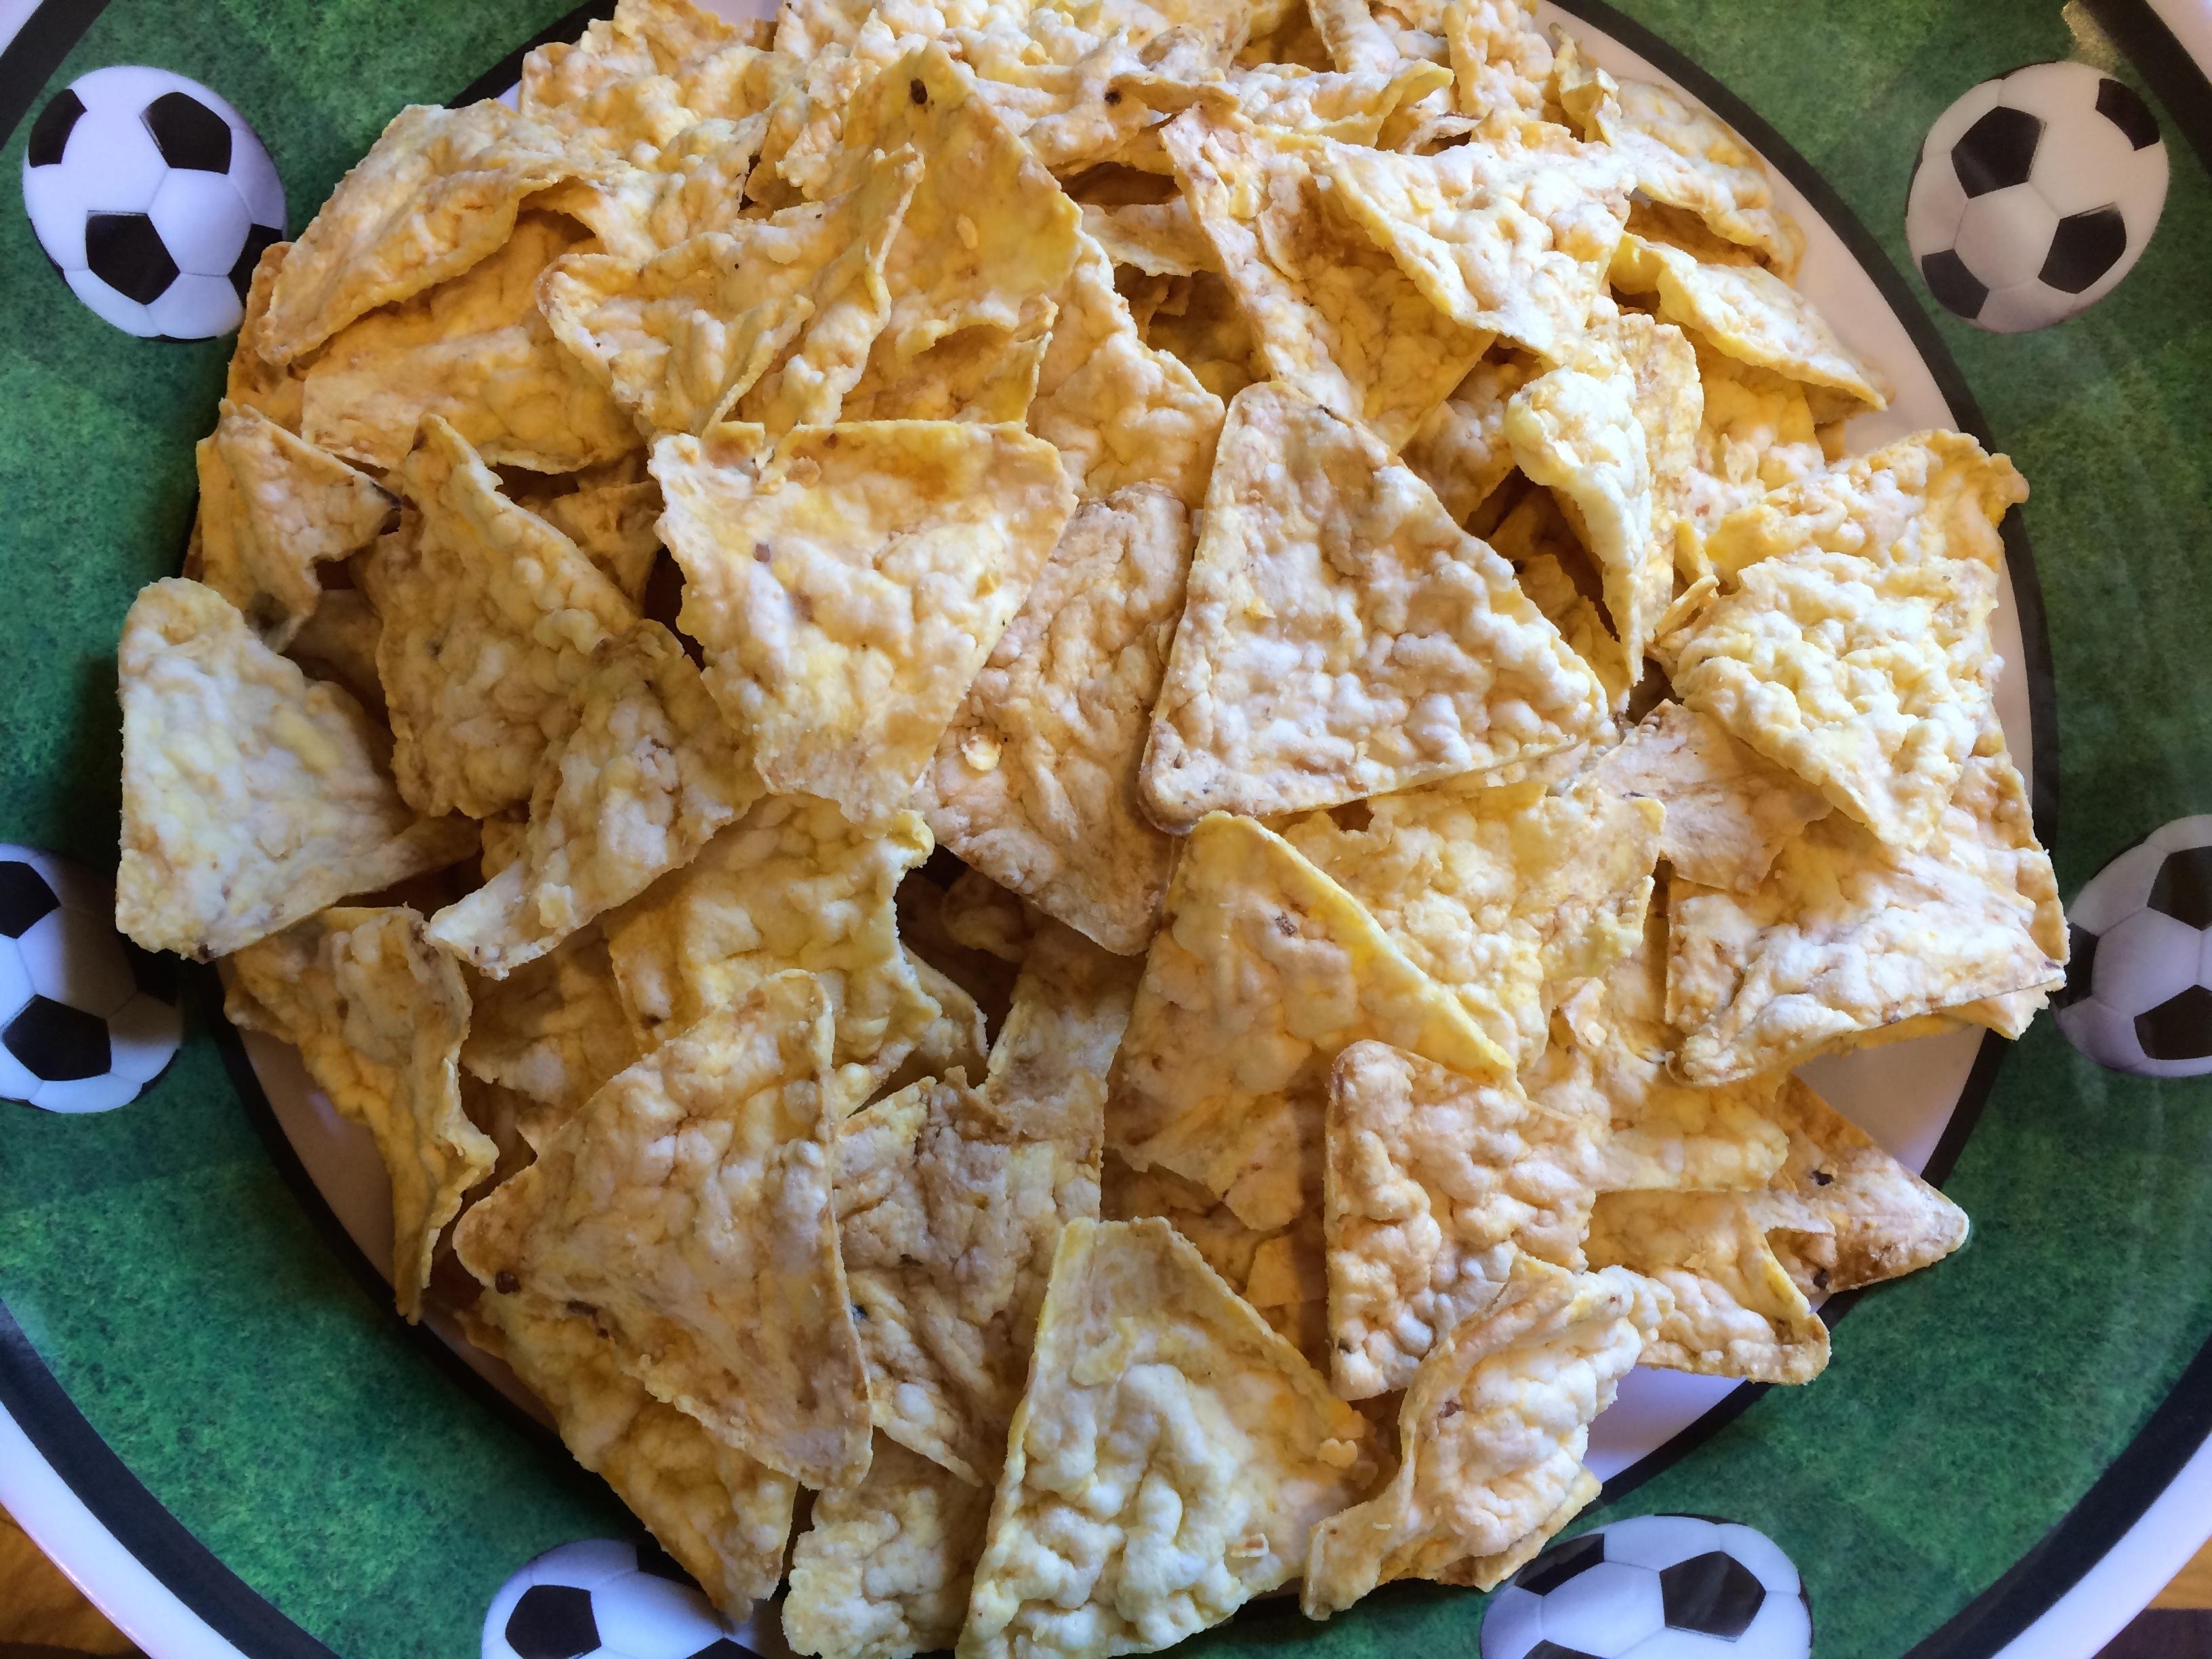 Chips in SoccerBowl